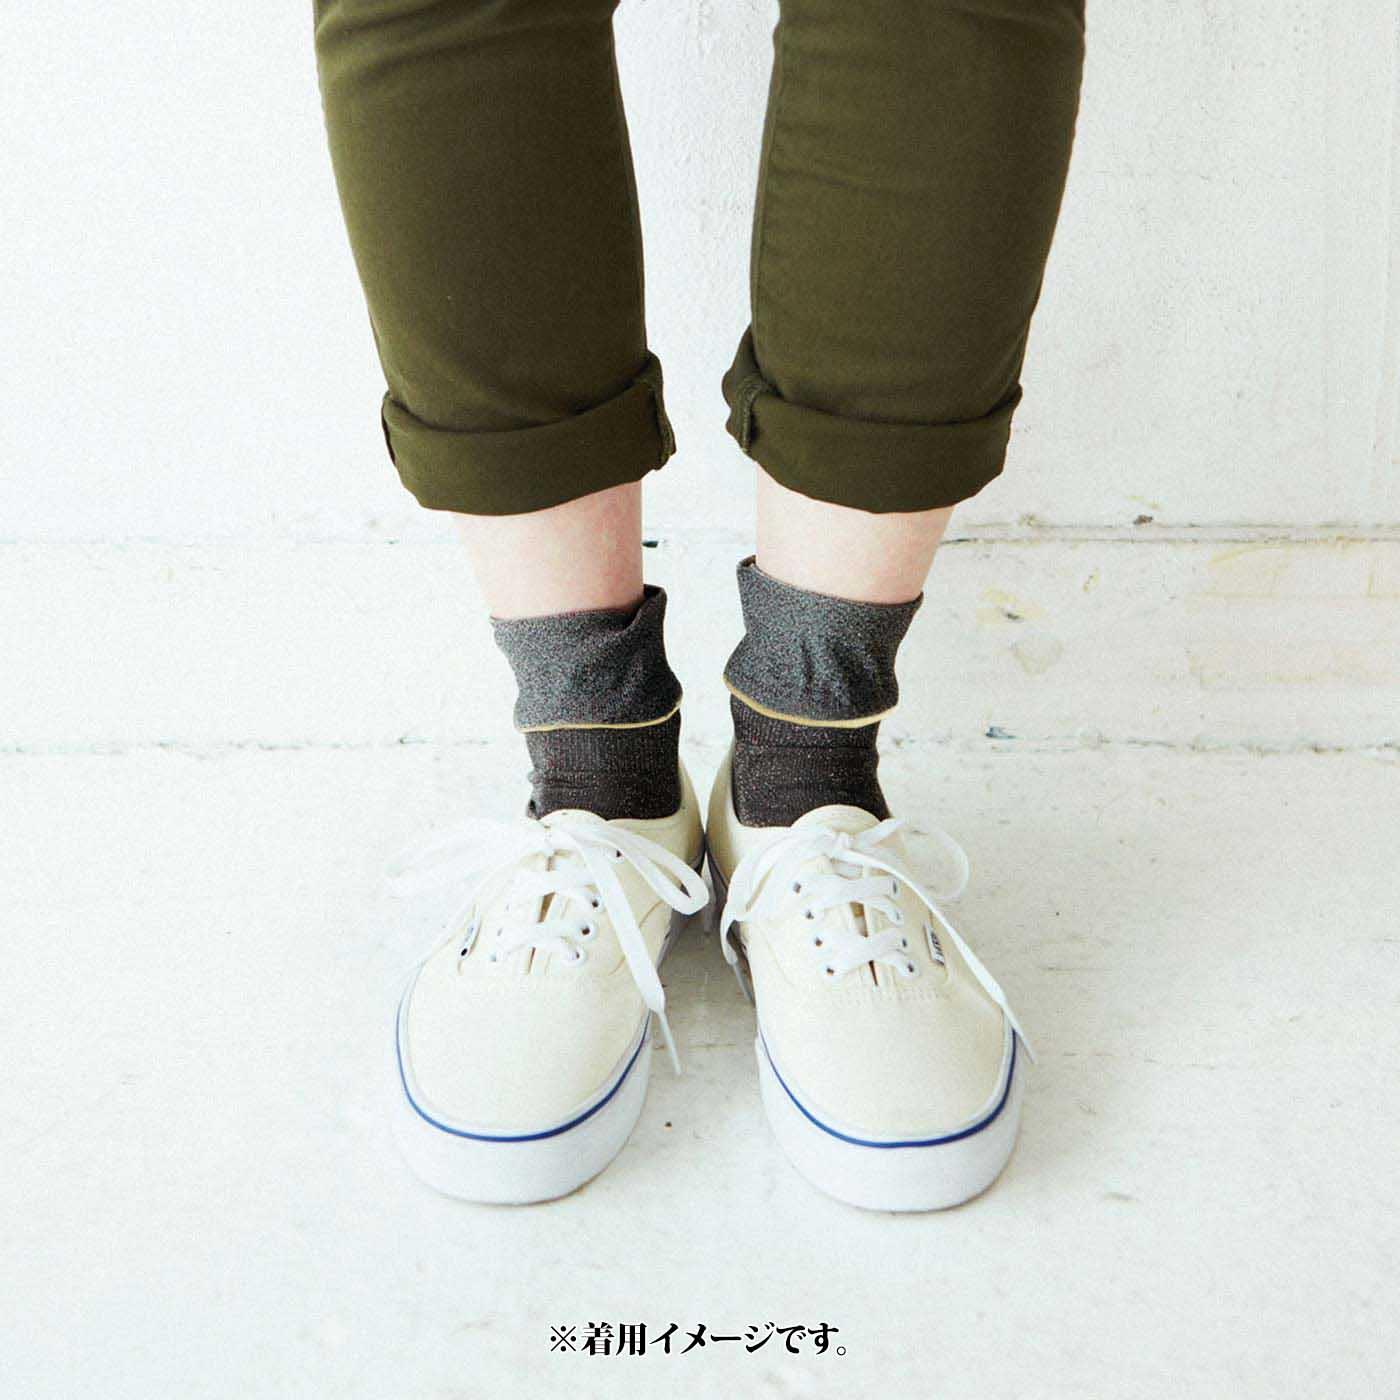 カジュアルなスニーカースタイルも大人っぽく。パンツには折り曲げではくのがおすすめ。